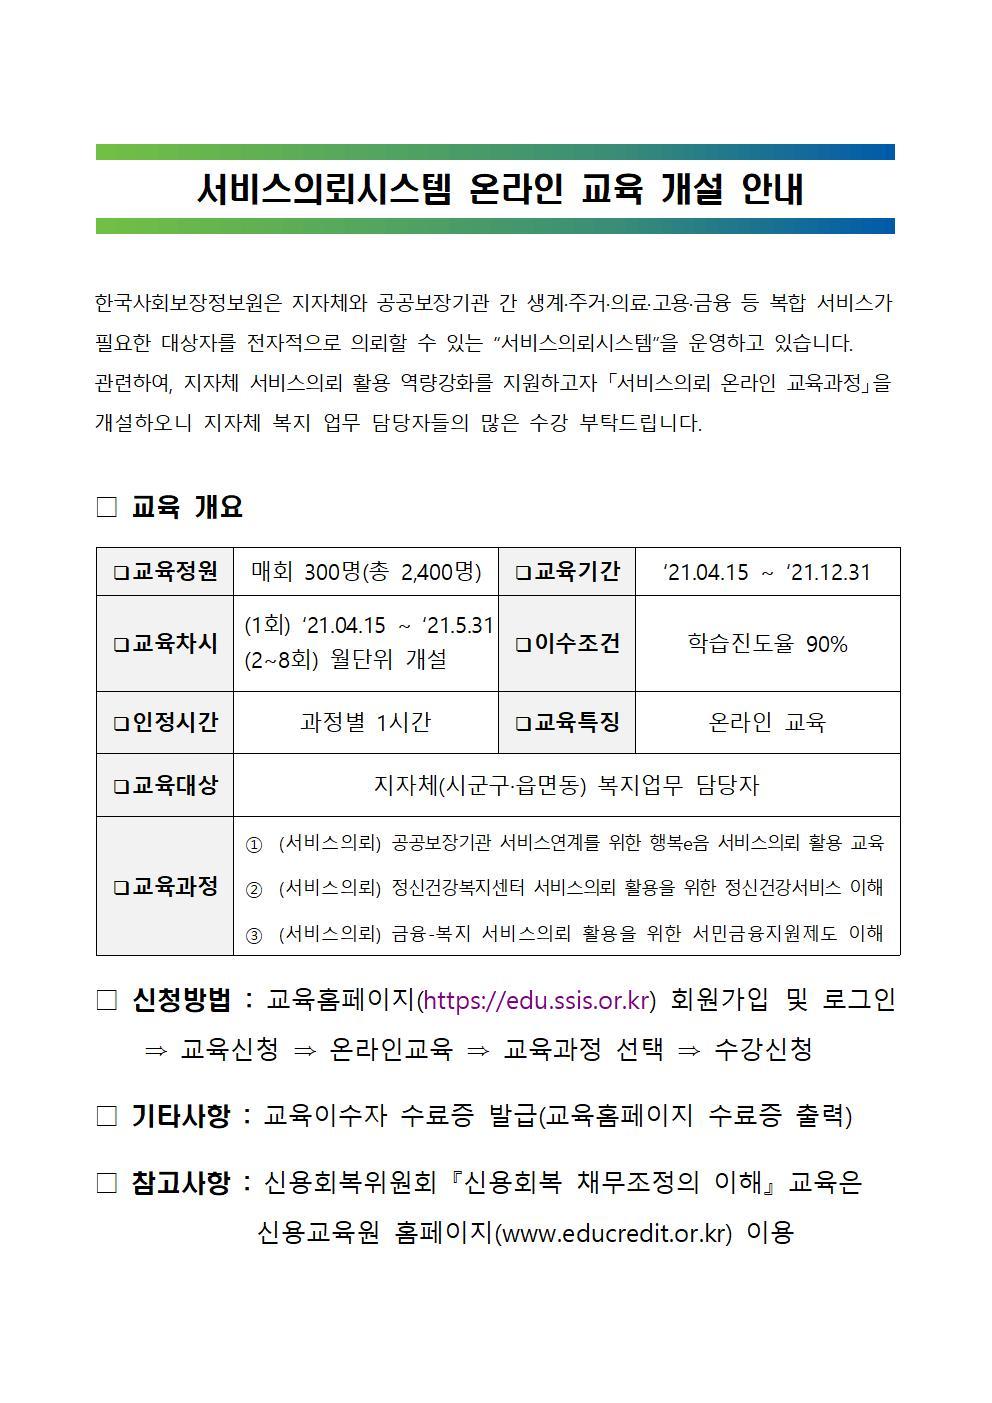 서비스의뢰시스템 온라인 교육 개설 안내_공지.jpg